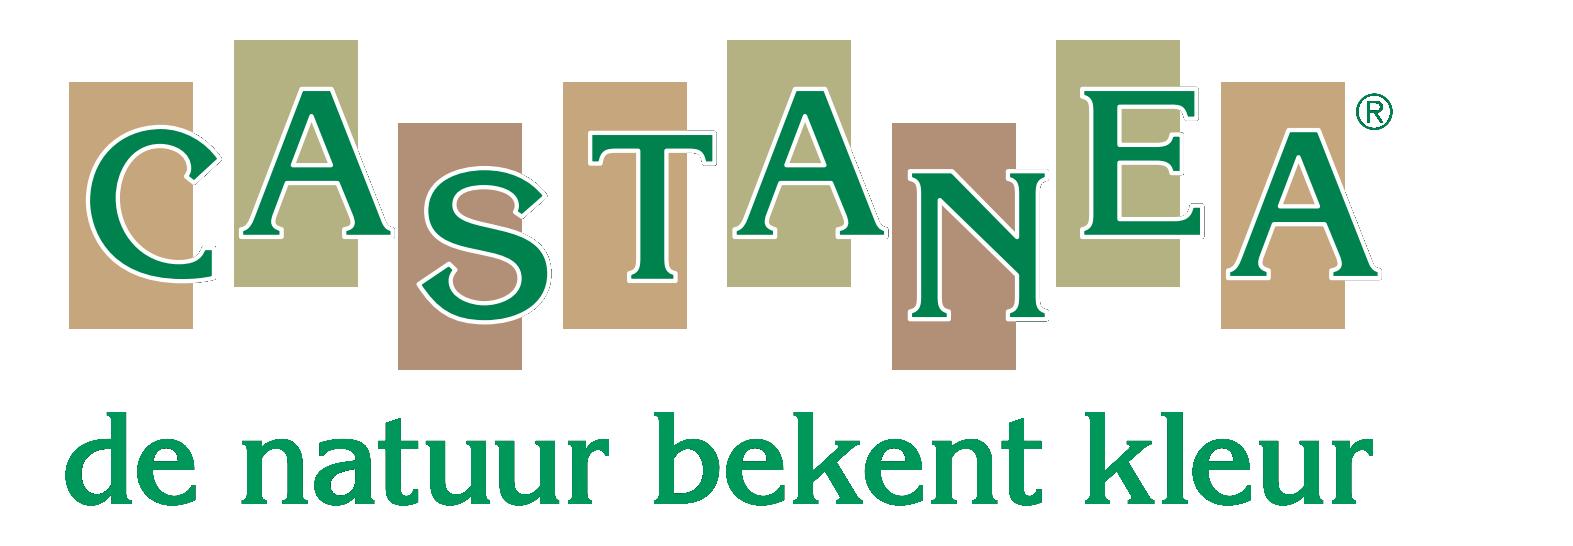 Castanea logo